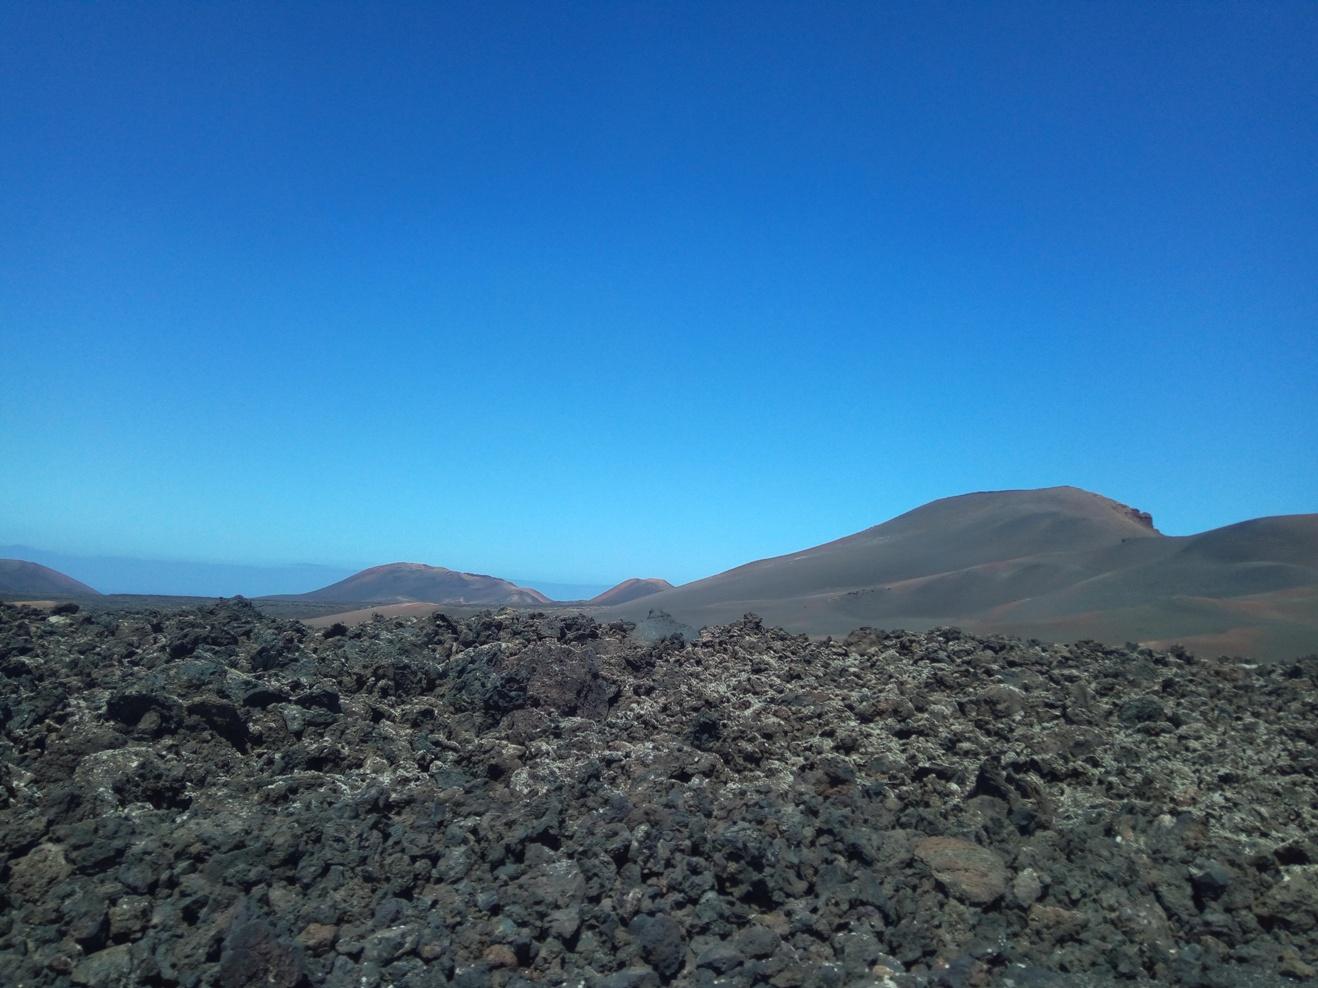 Montañas del Fuego, Lanzerote, Canary Islands, Spain